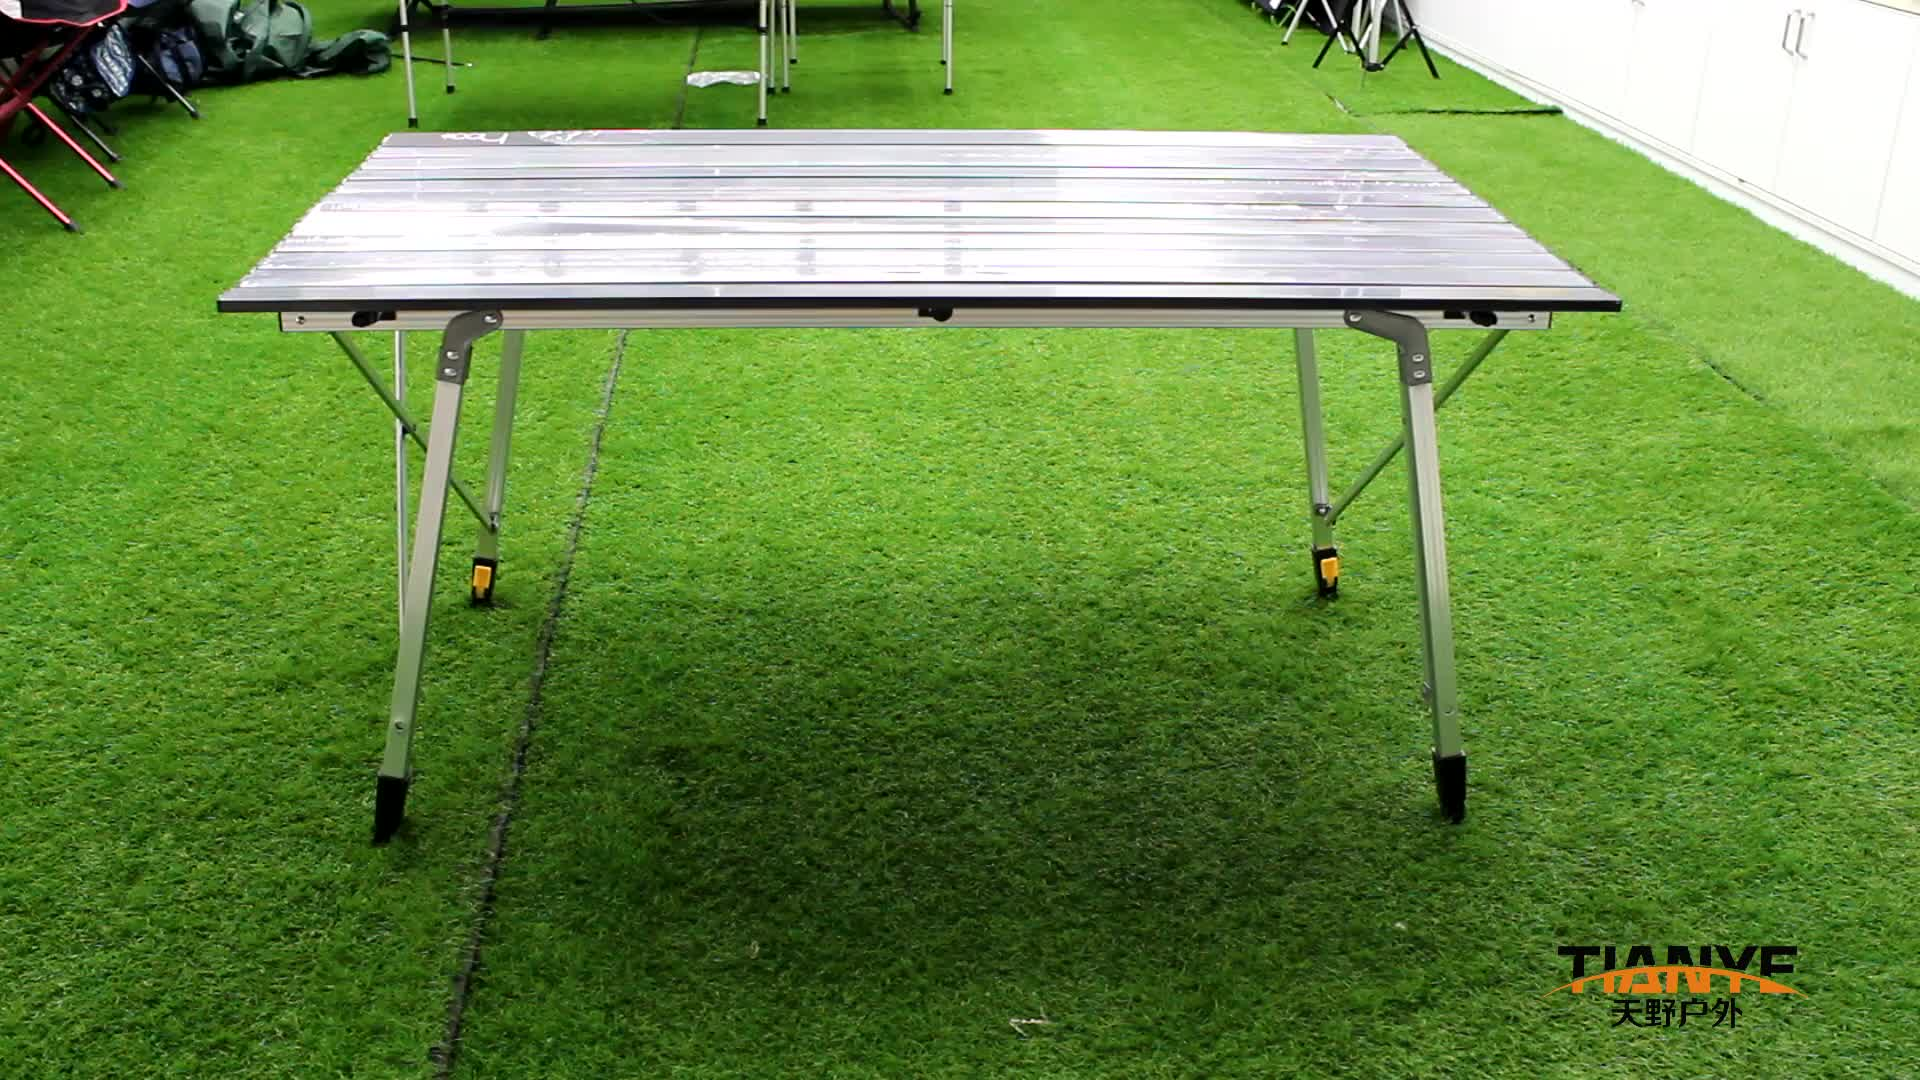 طاولة من سبائك الألومنيوم للتخييم قابلة للطي خارجية قابلة للتعديل ارتفاع Tianye